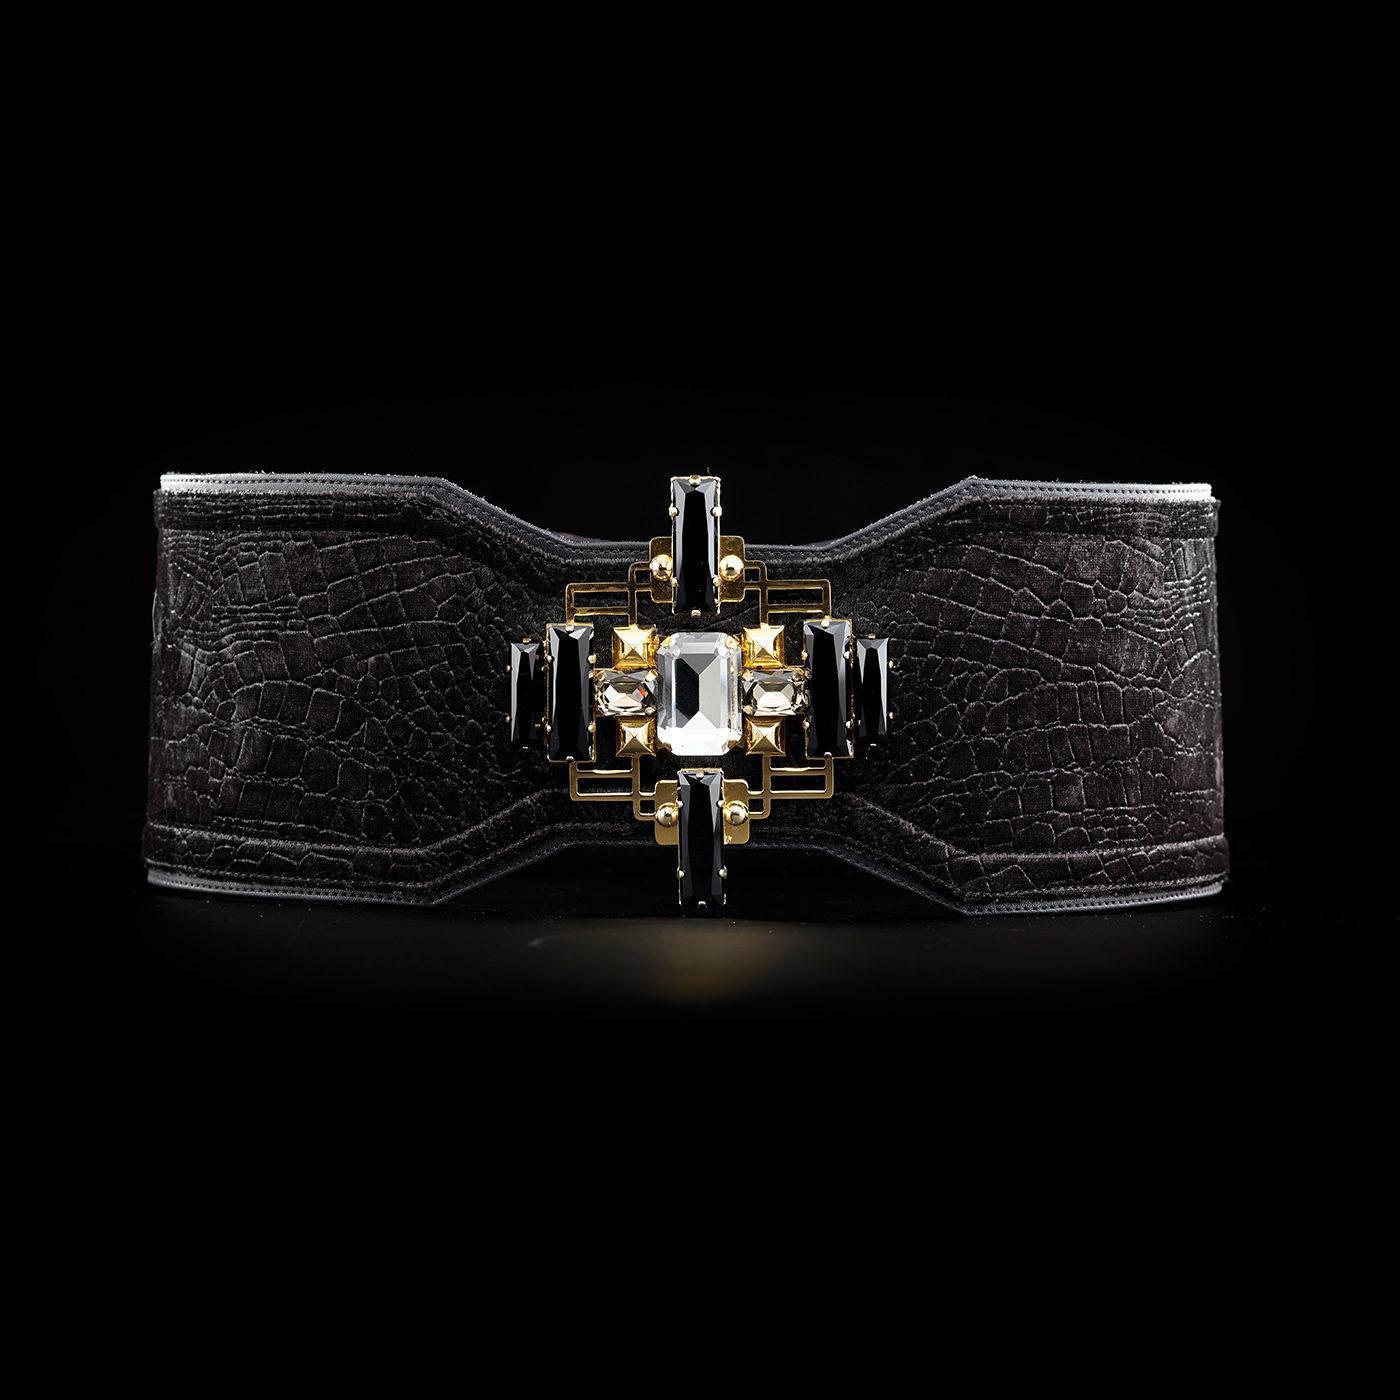 BVDB Waistbelt MATURITY limited velvet black gold front